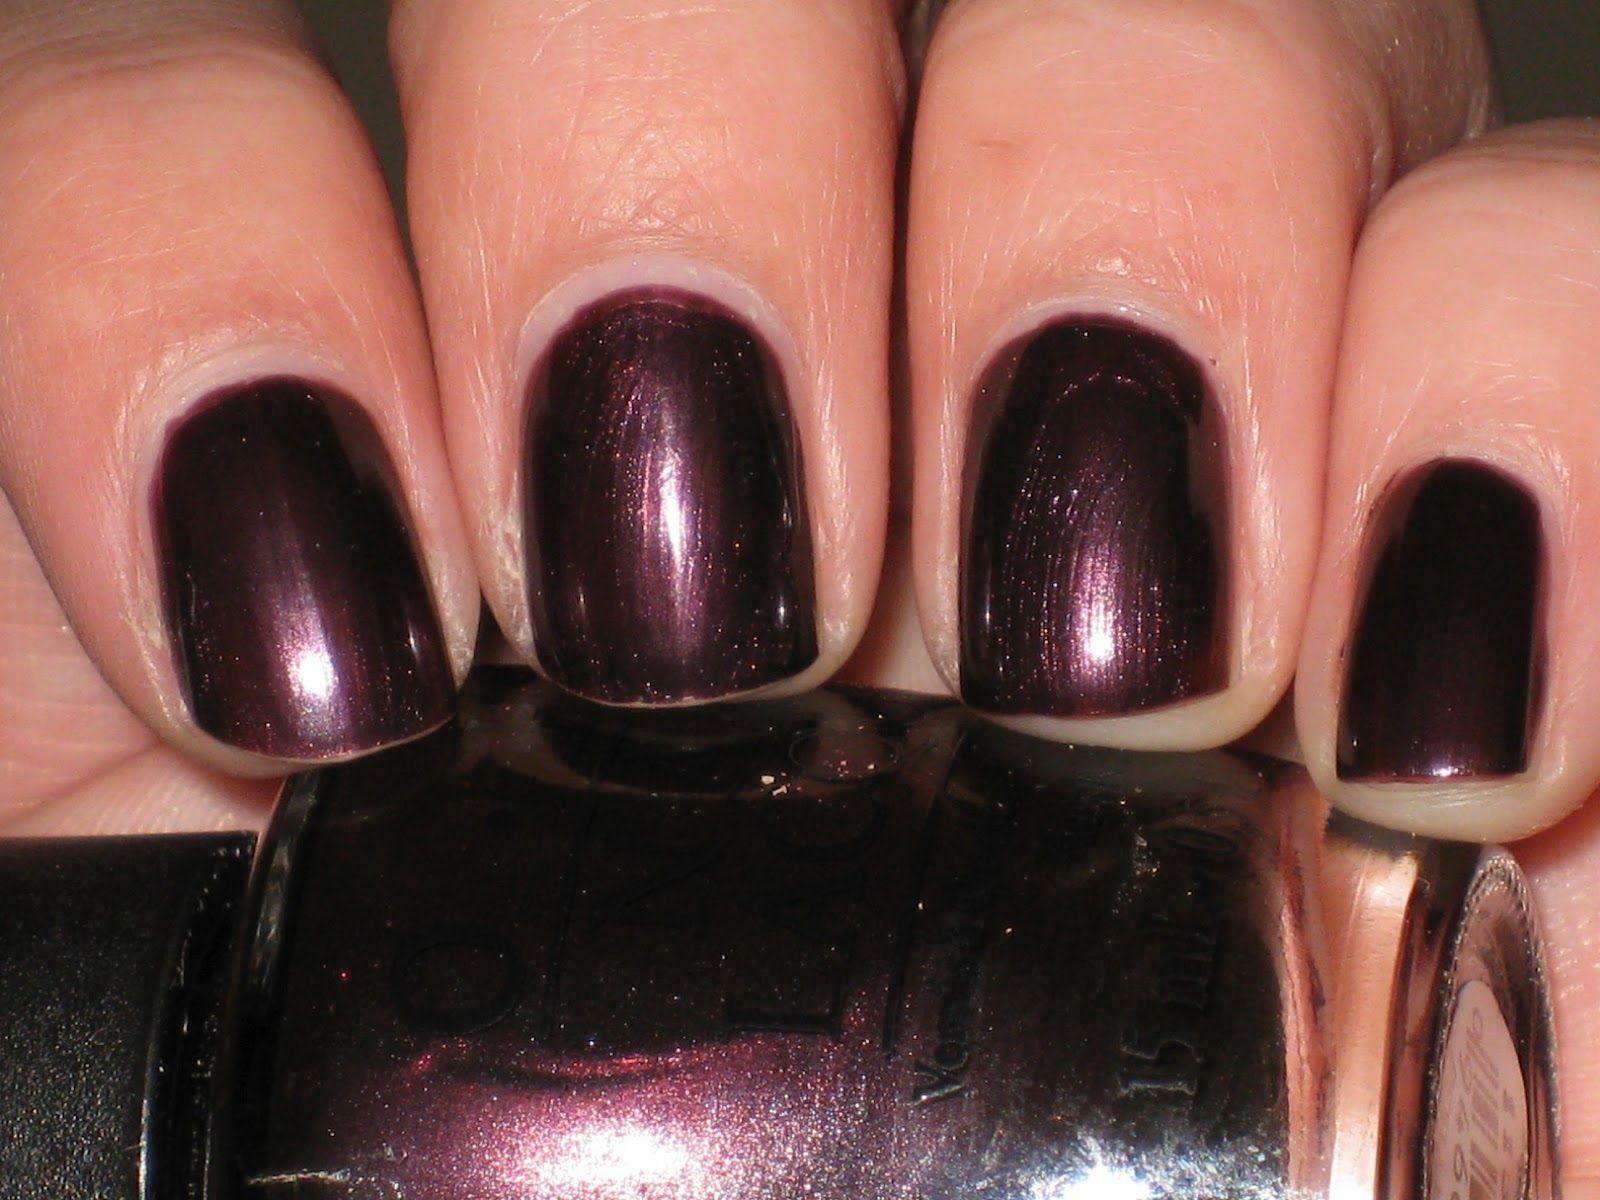 Nails inc gel nail colors and gel nail polish on pinterest - Opi Gel Nail Polish In Vampsterdam Good Fall Color